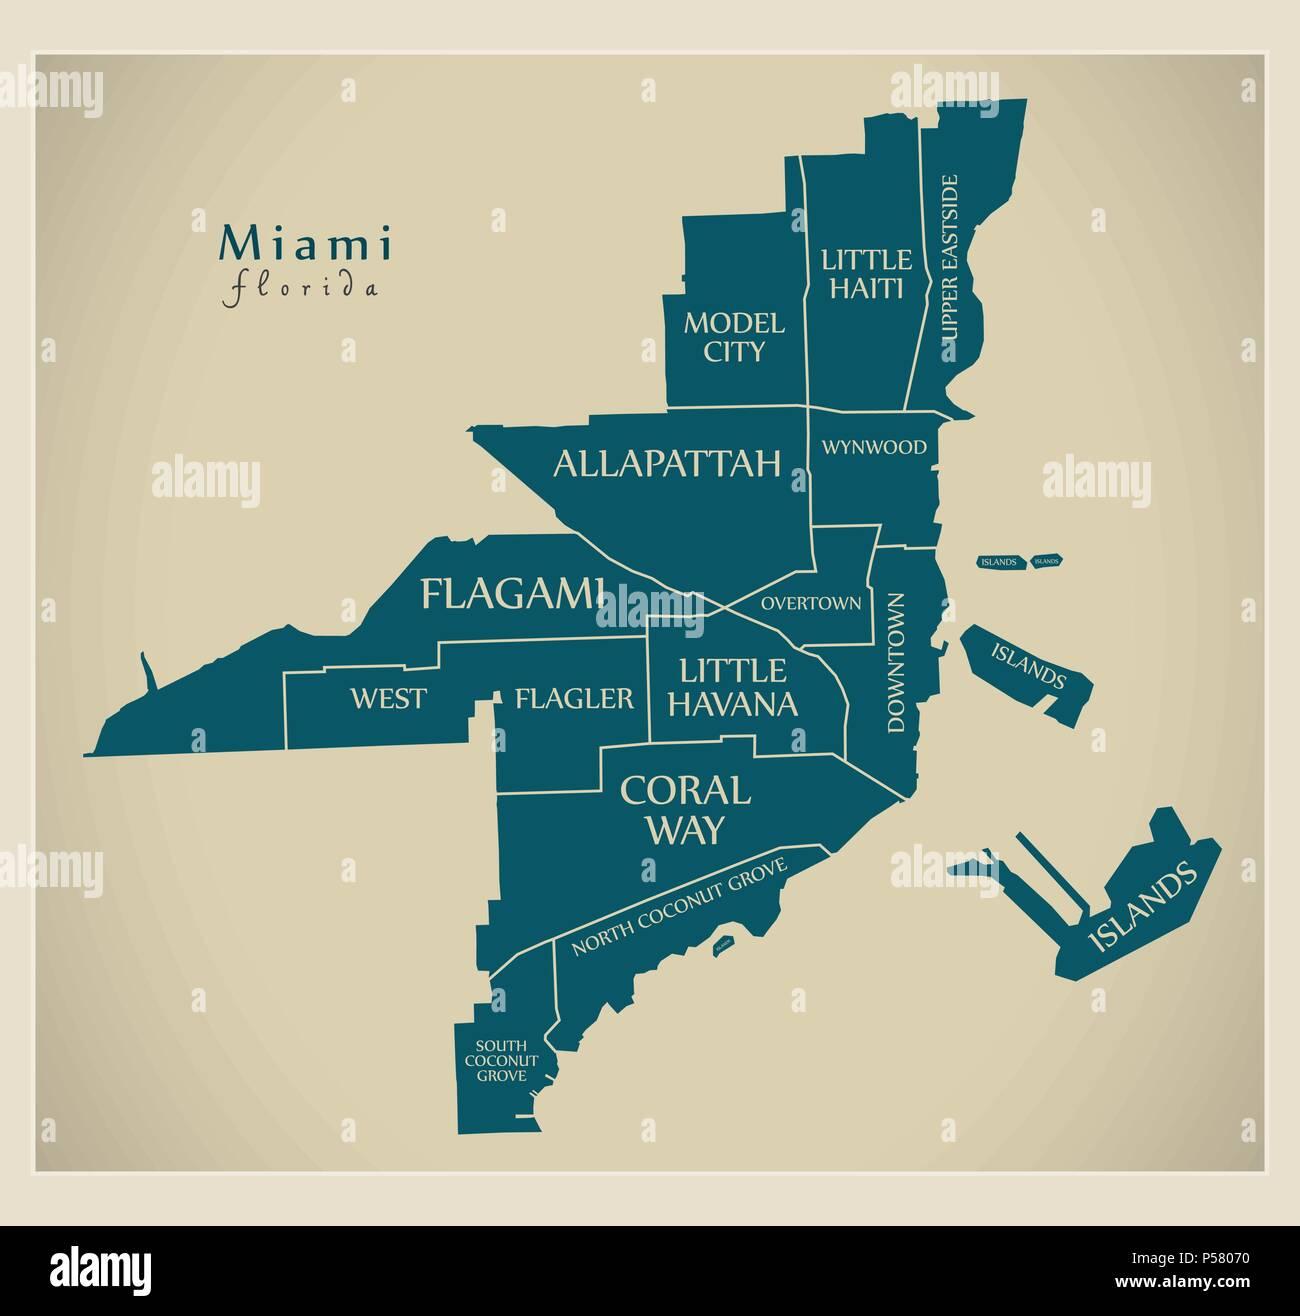 ciudad moderna - mapa de la ciudad de miami, florida